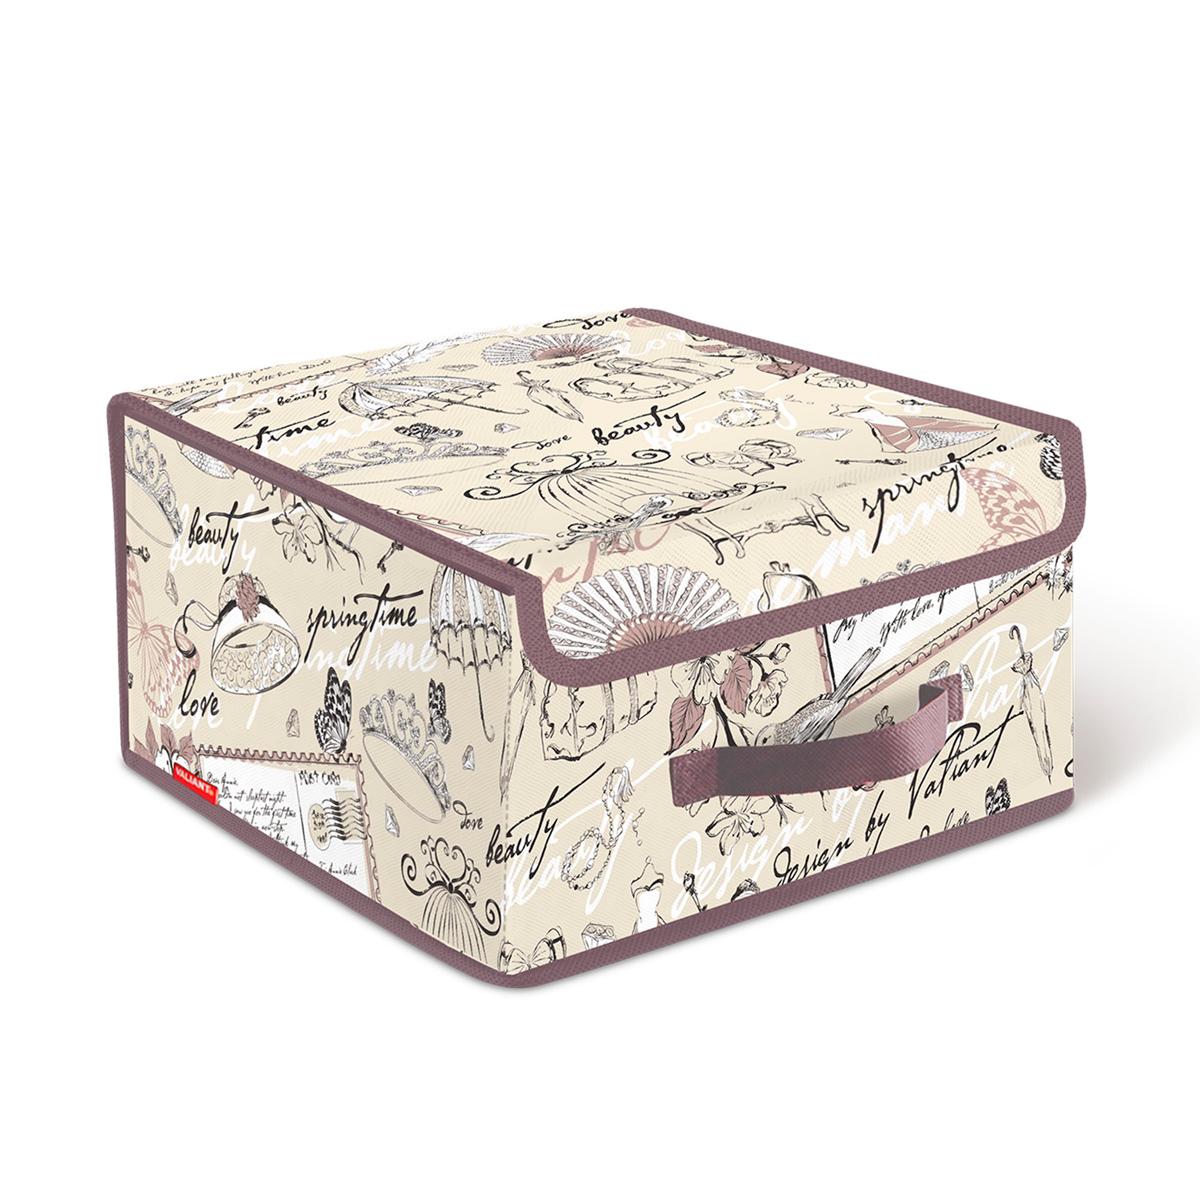 Короб стеллажный Valiant Romantic, с крышкой, 28 см х 30 см х 16 смRM-BOX-LSСтеллажный короб Valiant Romantic изготовлен из высококачественного нетканого материала, который обеспечивает естественную вентиляцию, позволяя воздуху проникать внутрь, но не пропускает пыль. Вставки из плотного картона хорошо держат форму. Короб снабжен специальной крышкой, которая фиксируется с помощью липучек. Изделие отличается мобильностью: легко раскладывается и складывается. В таком коробе удобно хранить одежду, белье и мелкие аксессуары. Красивый авторский дизайн прекрасно впишется в интерьер. Система хранения Romantic создаст трогательную атмосферу романтического настроения в женском гардеробе. Оригинальный дизайн придется по вкусу ценительницам эстетичного хранения. Системы хранения в едином дизайне сделают вашу гардеробную изысканной и невероятно стильной.